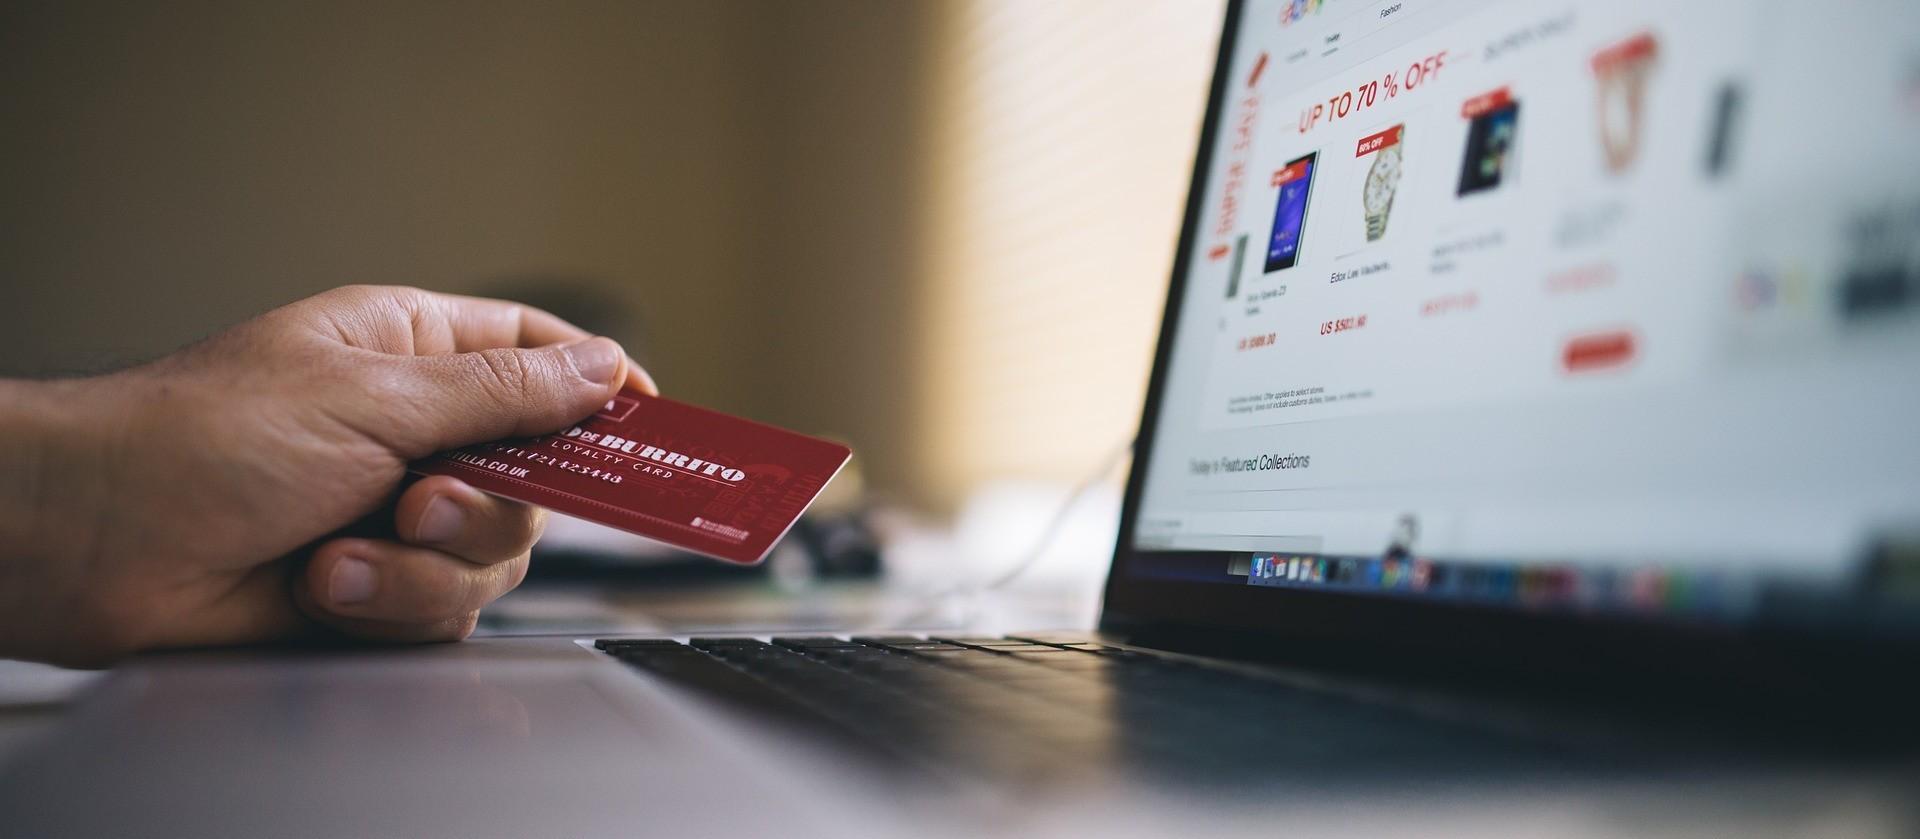 Pagamentos pela internet: boleto ou cartão?